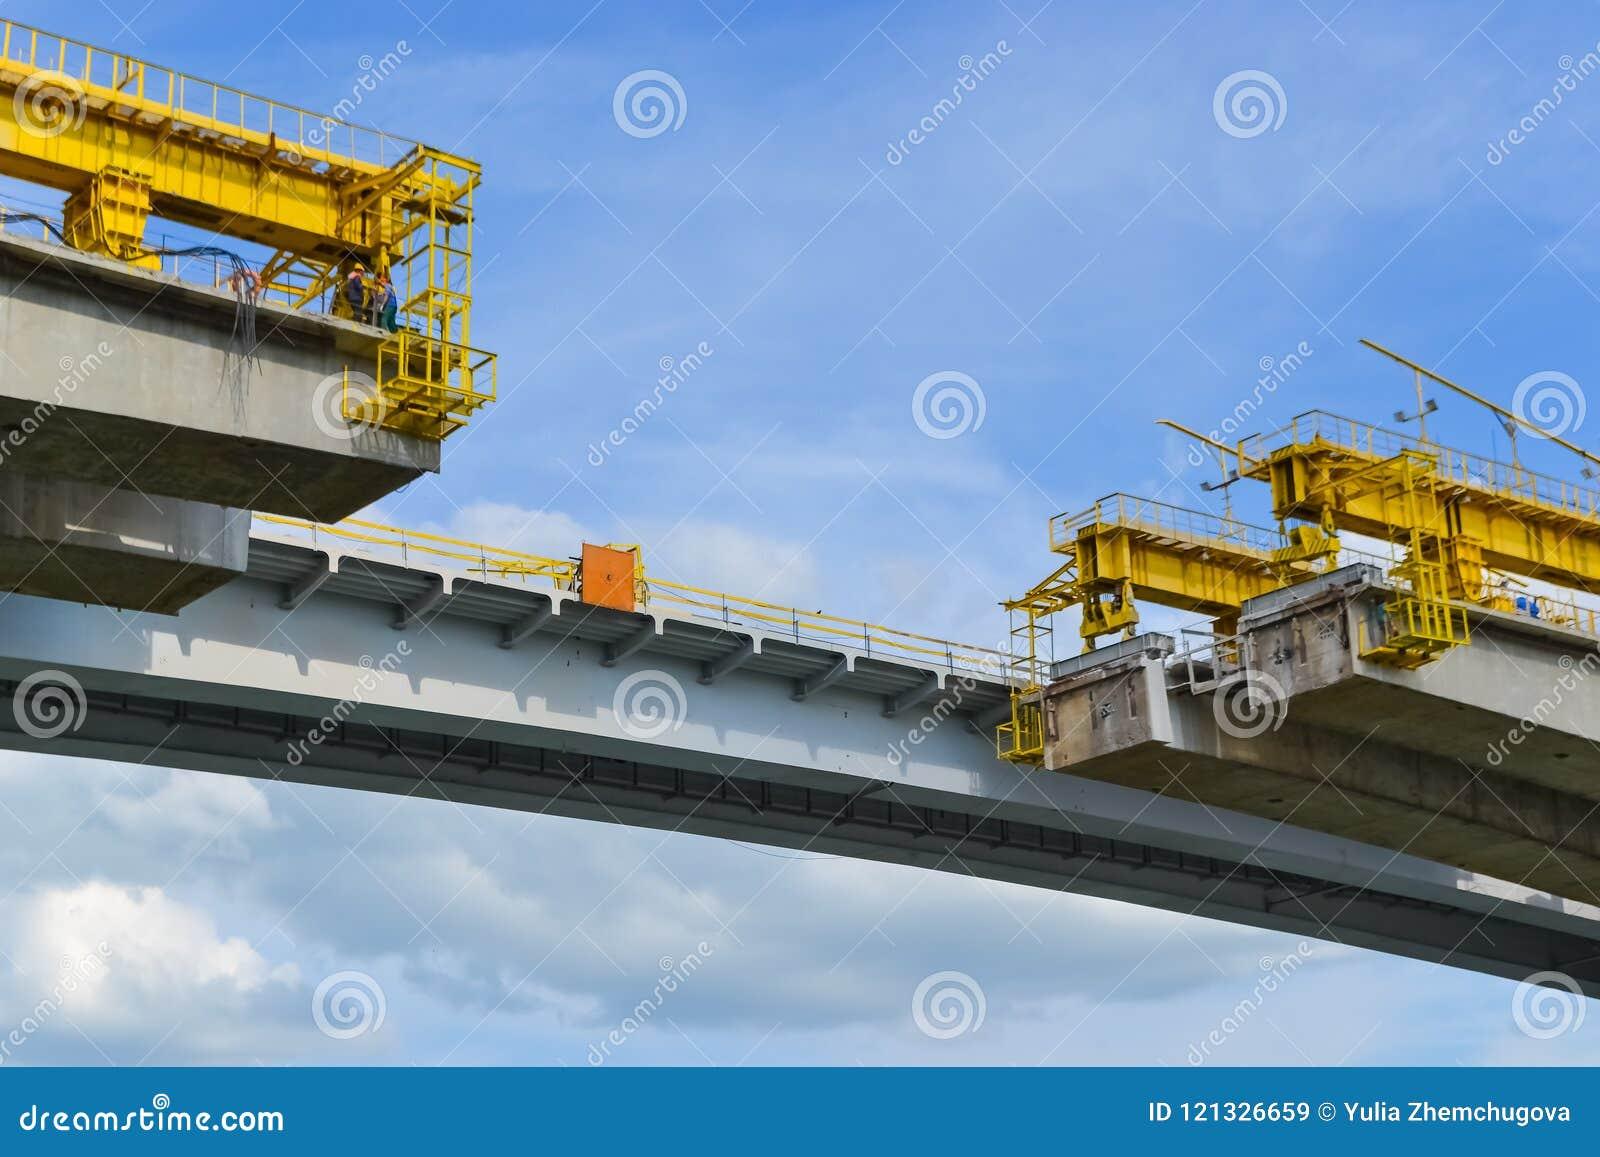 La parte non finita del ponte della strada sopra il fiume ricostruzione della parte della portata, lavoro ad altezza